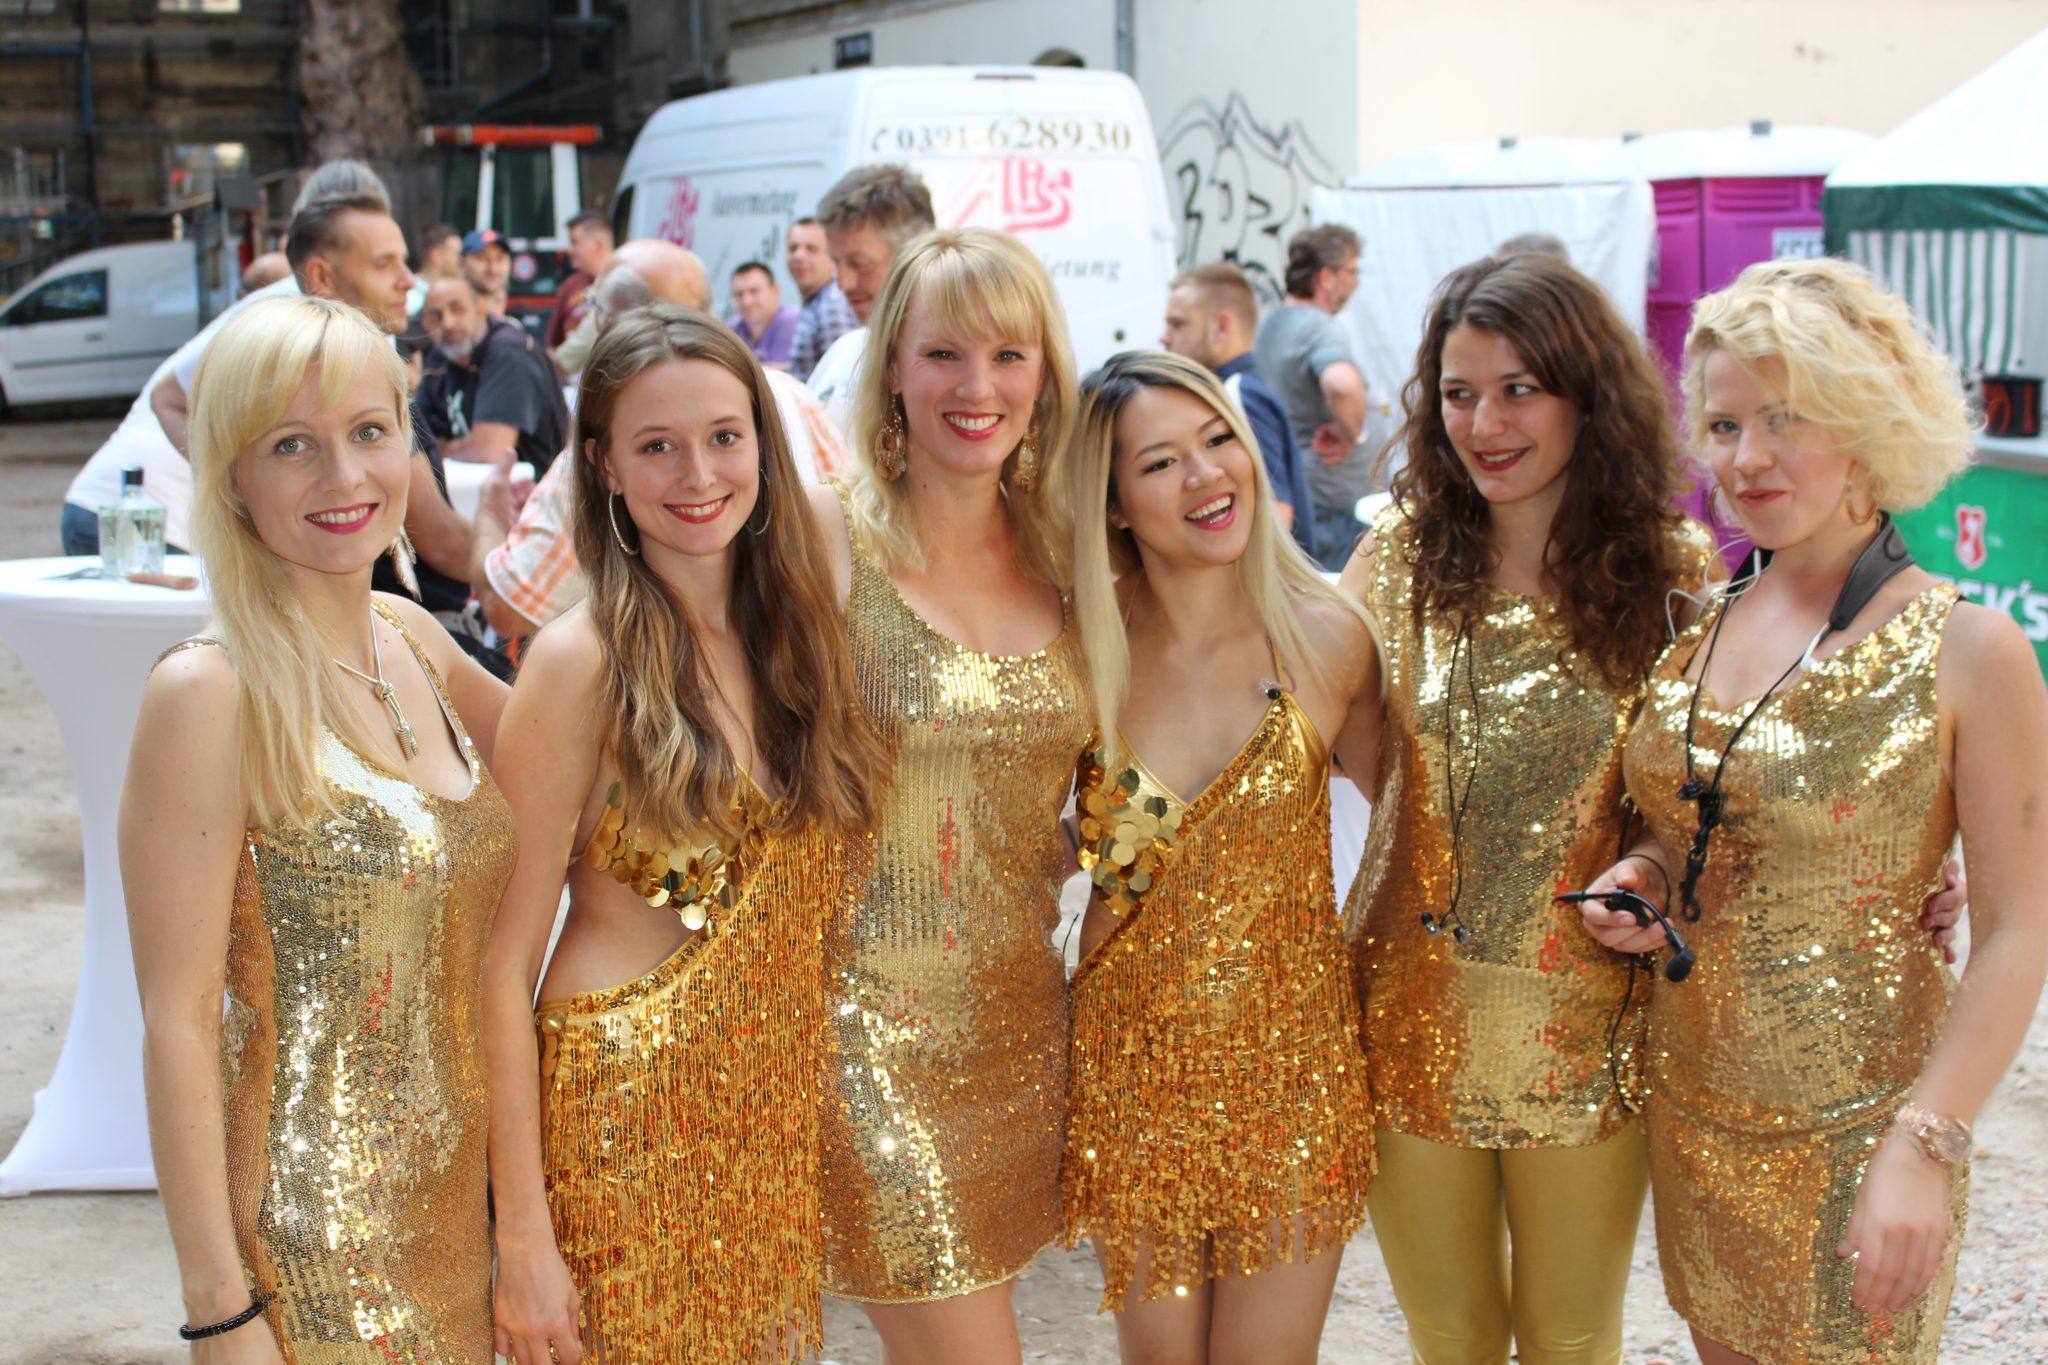 Damen-Partyband Princess Cut von Uta Sophie Halbritter ist eine Coverband und Damenband zum Feiern und Tanzen